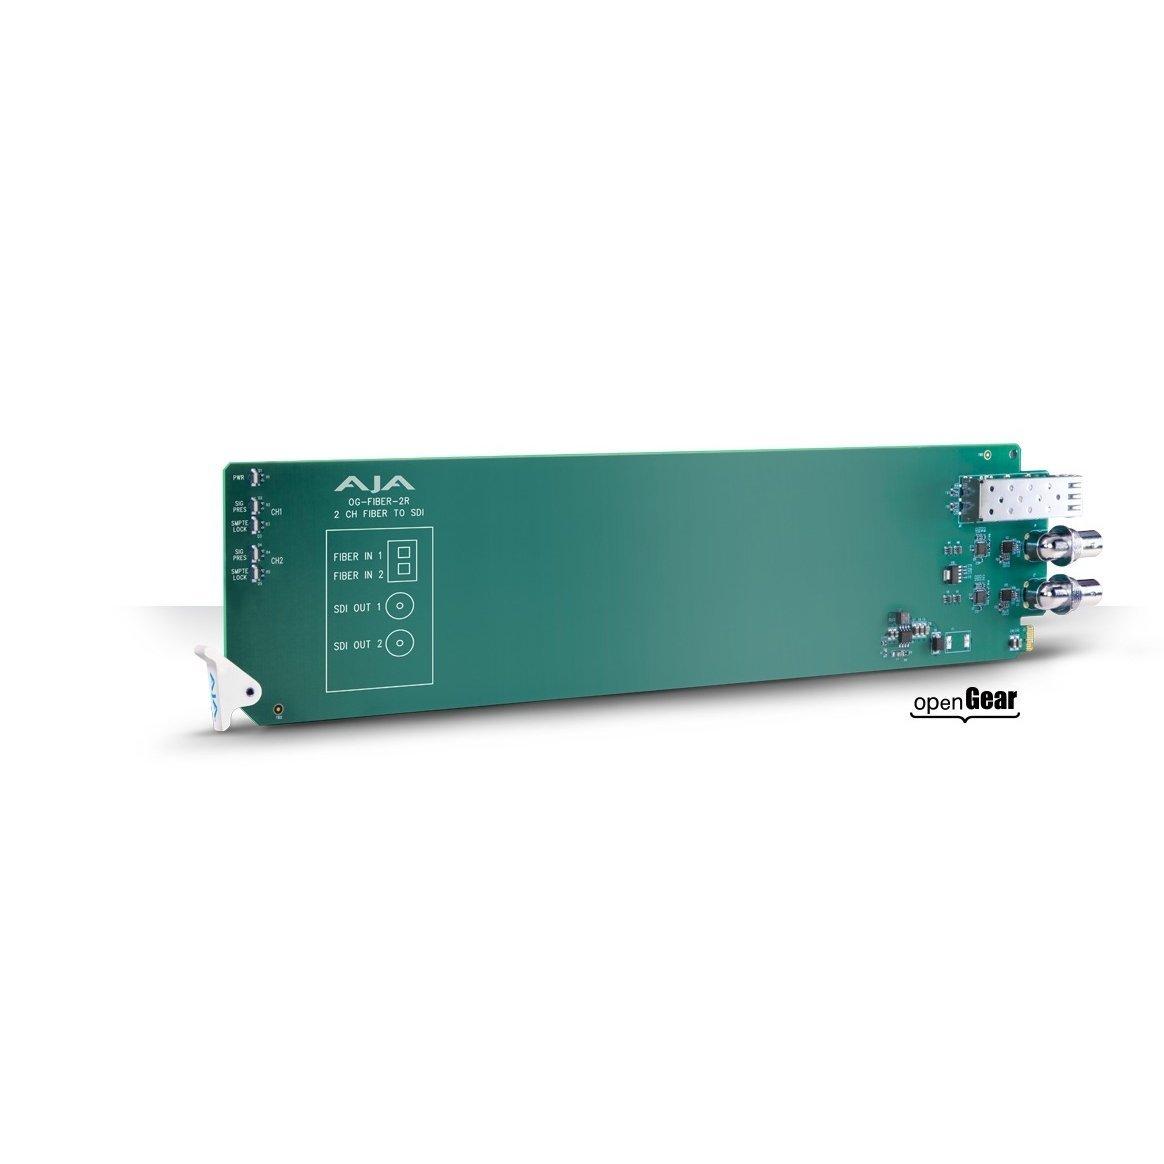 AJA OG-FIBER-2R openGear 2-channel Fiber to SDI Converter (Req 2 slots) (OG-FIBER-2R)